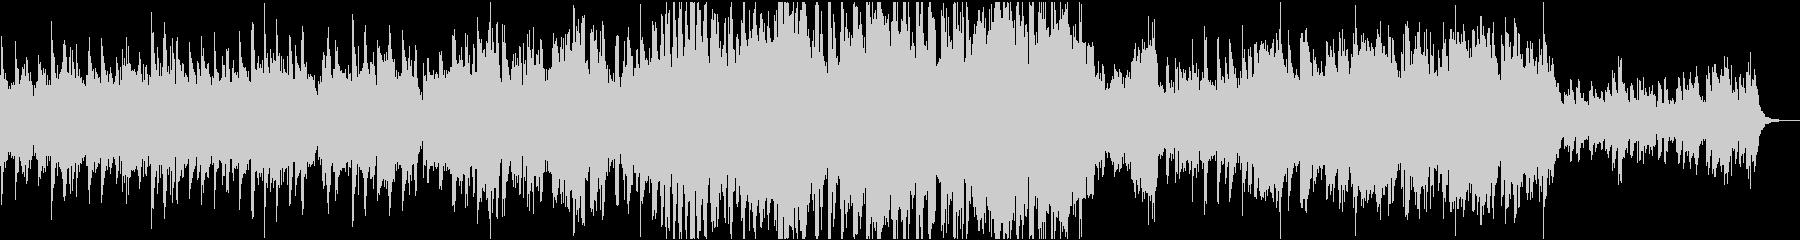 CM/企業VPに ピアノ壮大感動BGMの未再生の波形